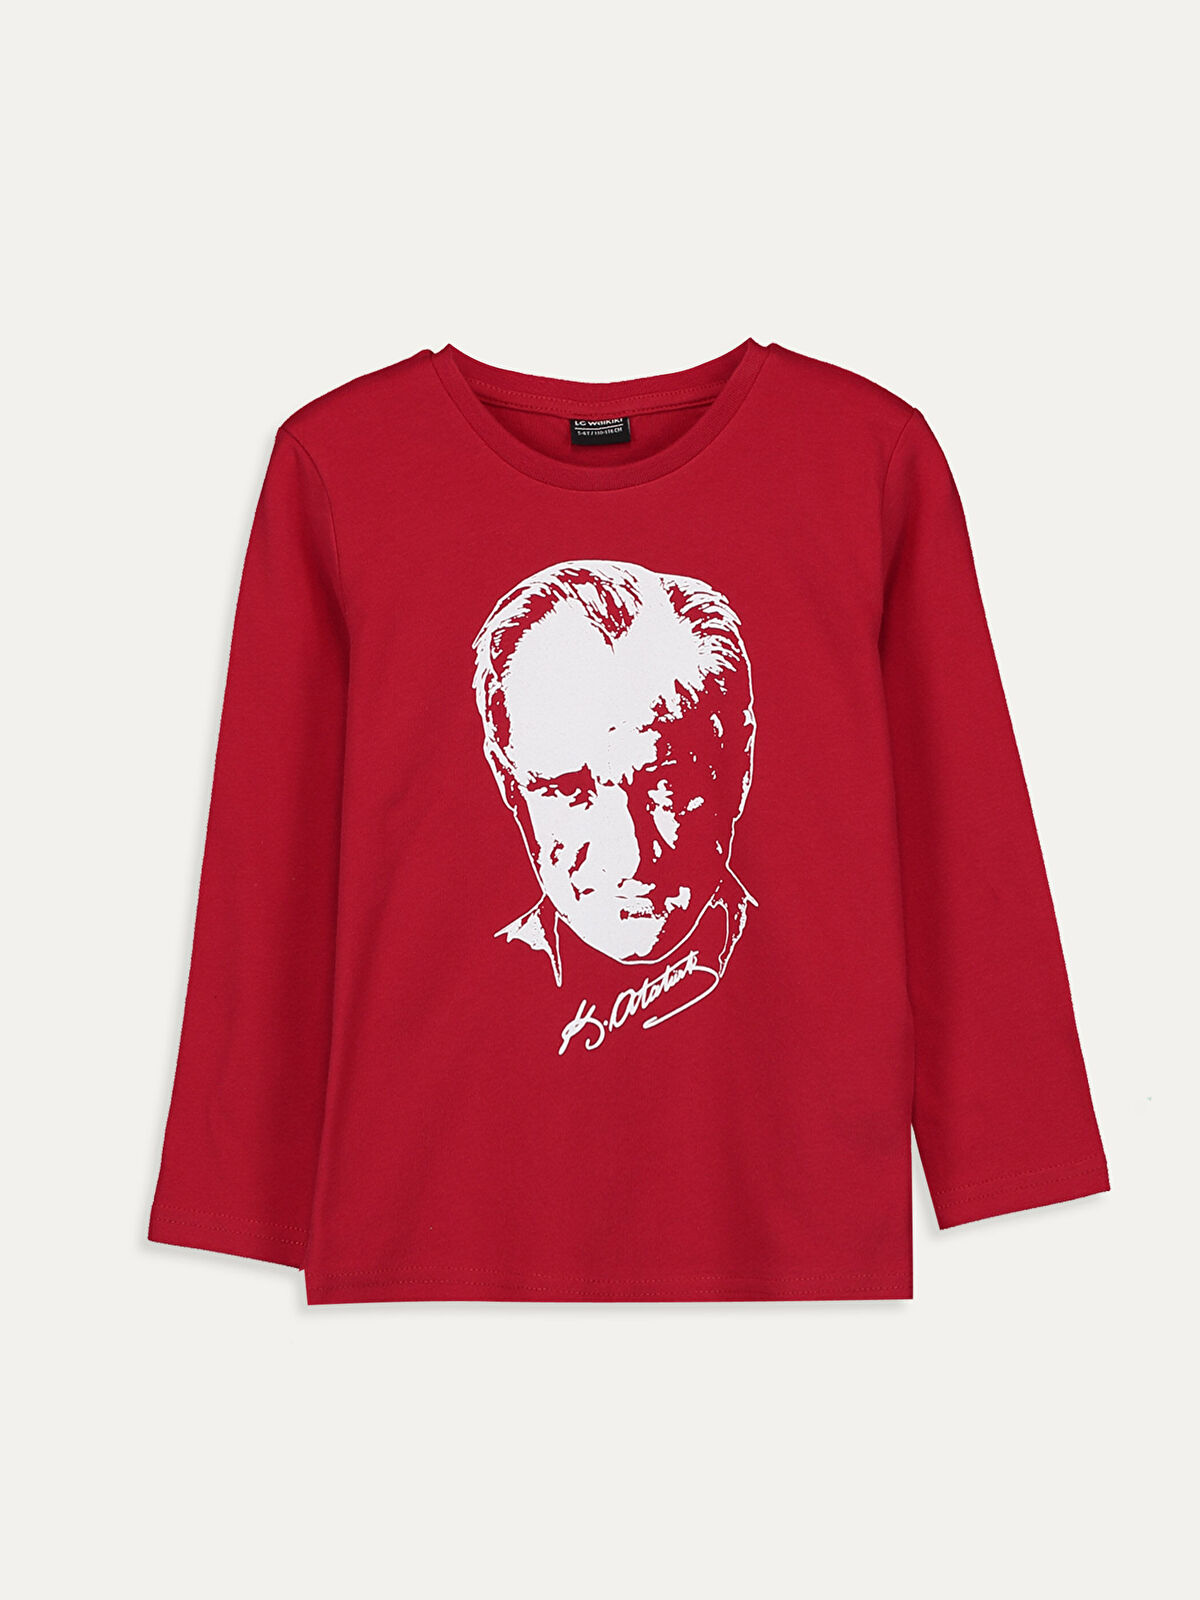 Erkek Çocuk Atatürk Baskılı Pamuklu Tişört - LC WAIKIKI